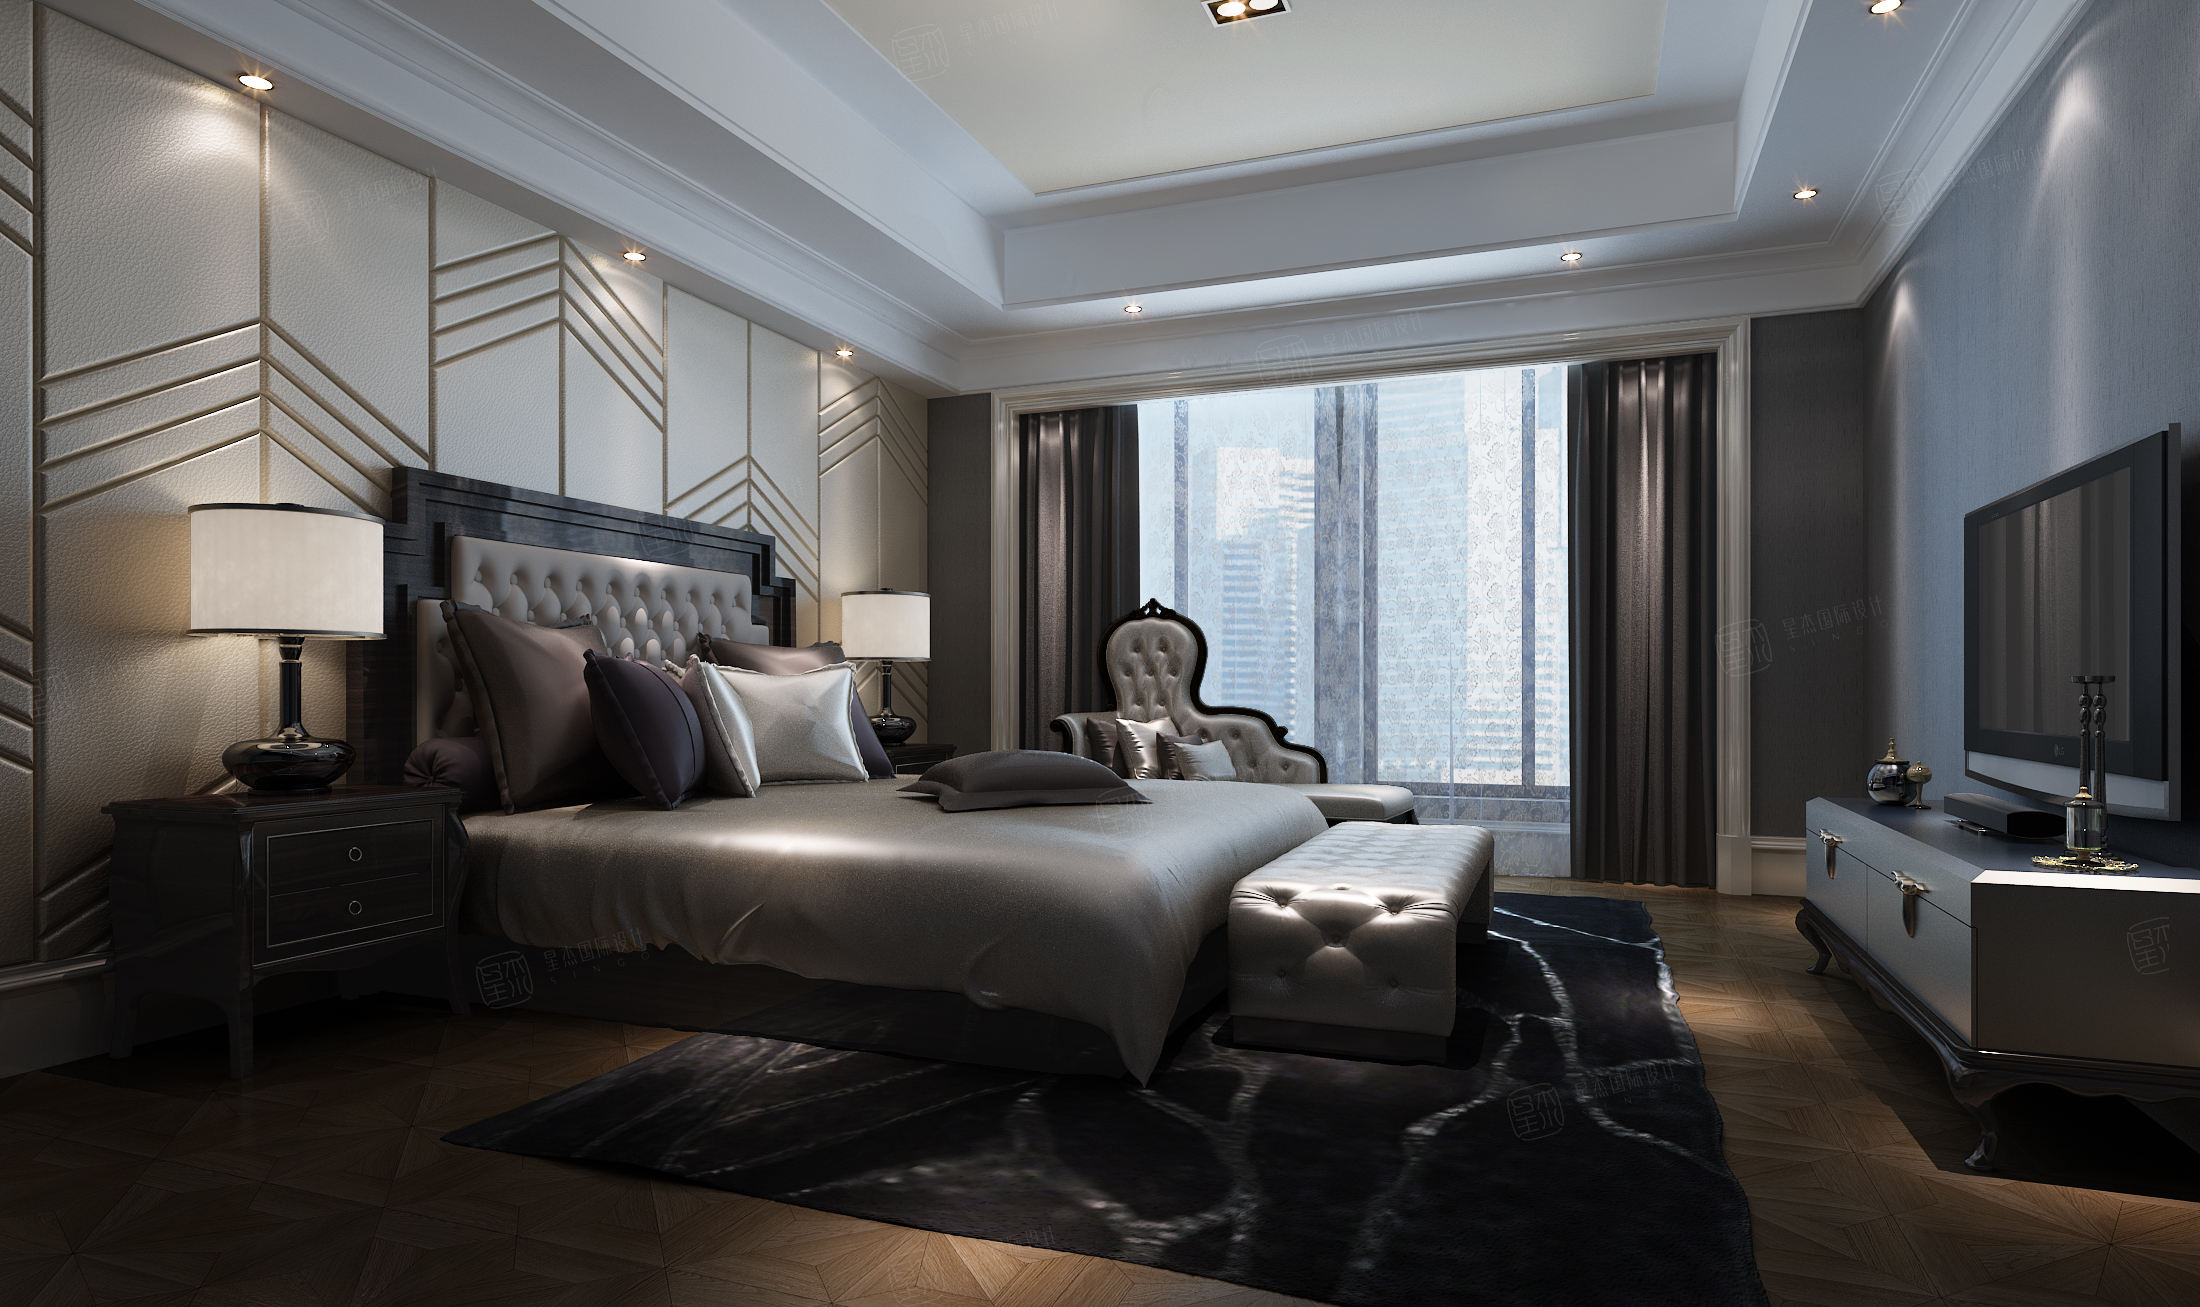 兰馨公寓 新装饰主义装修卧室效果图